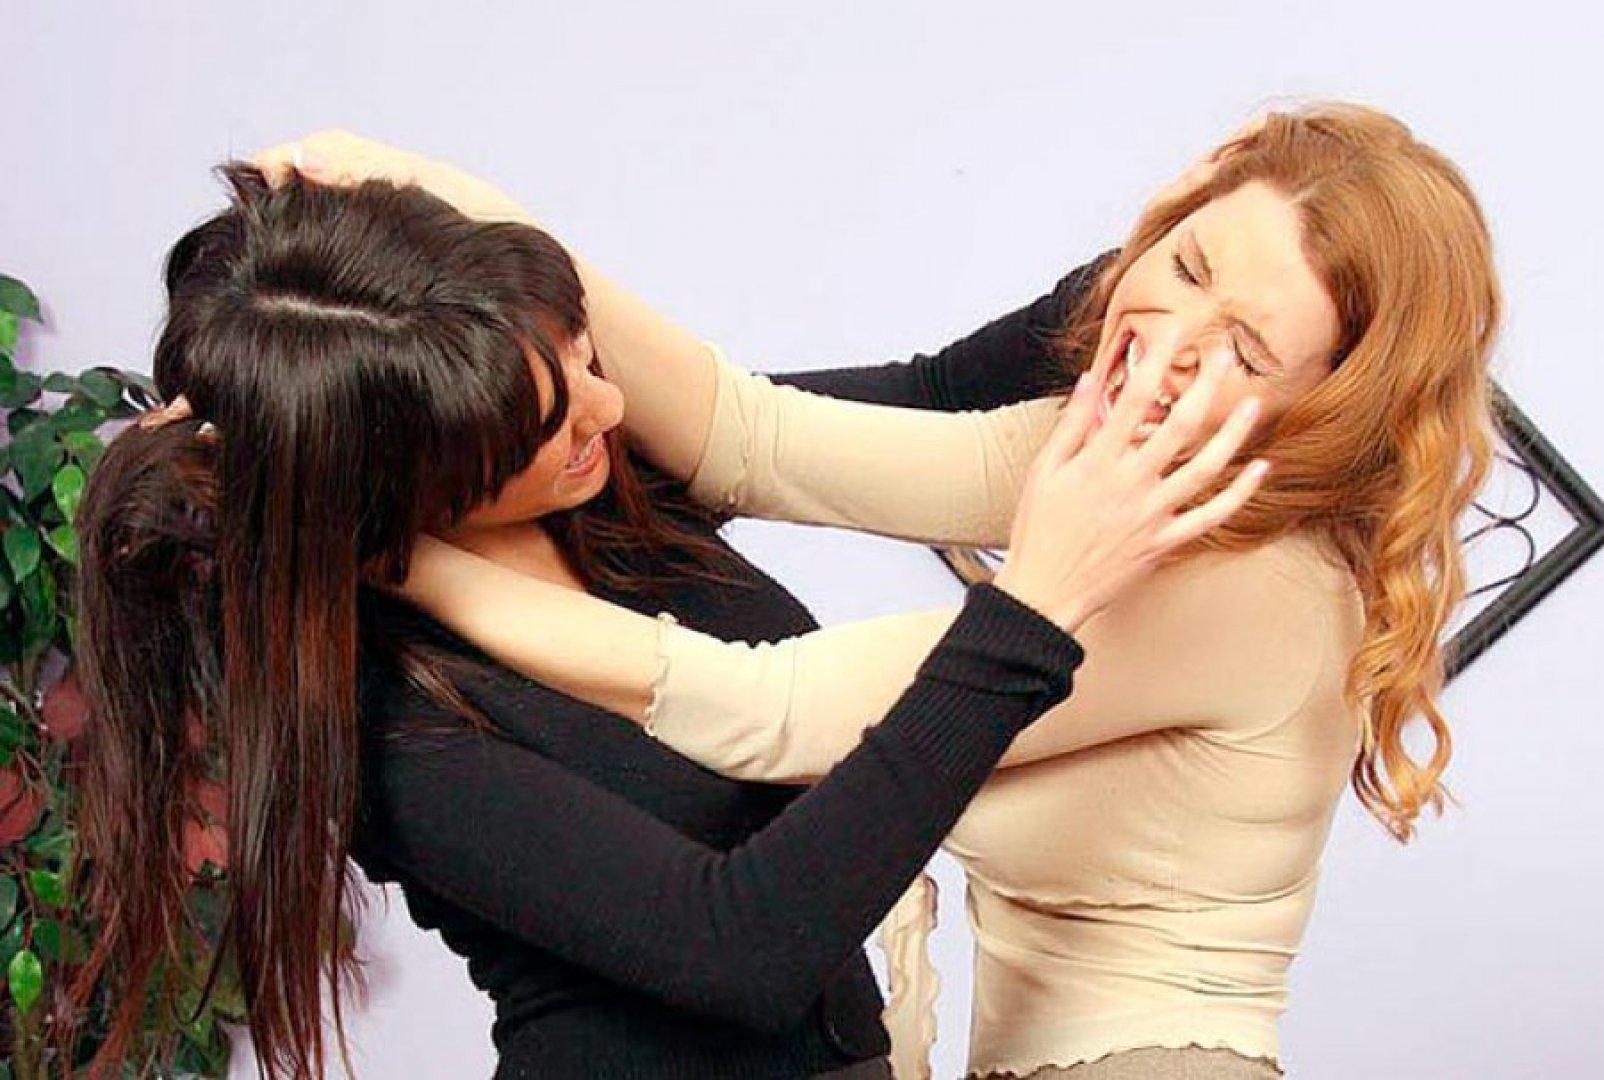 Русская девушка жестко трахнула свою подругу, Приятель жестко трахнул подругу по ее просьбе 20 фотография